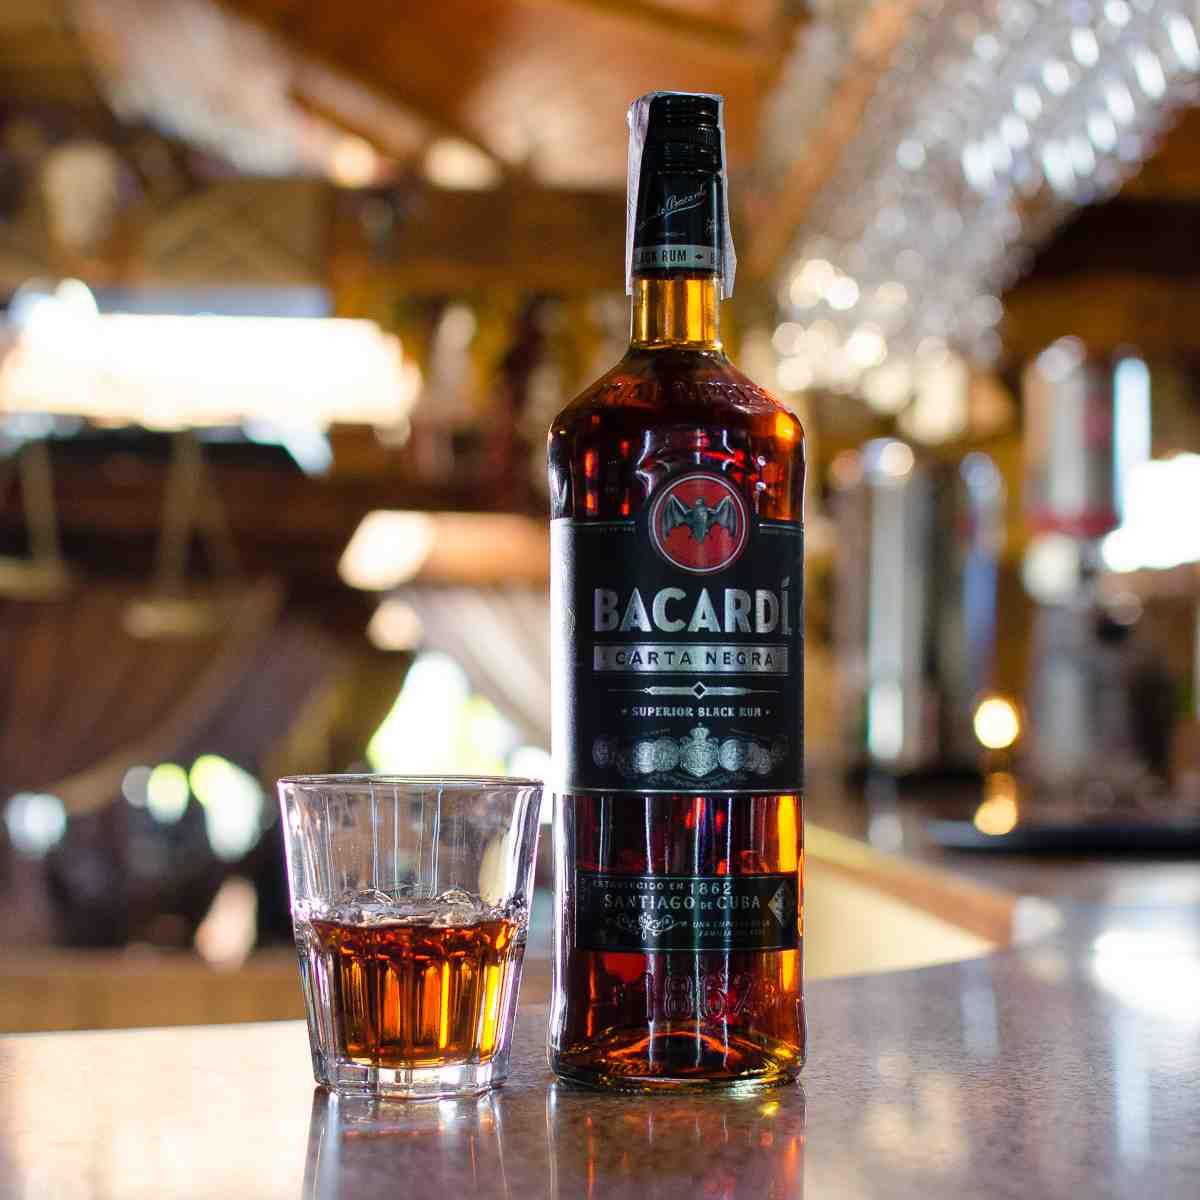 Виды рома: на какой вкус напиток, его разновидности, классификация, сорта, чем пахнет сладкий, выдержанный алкоголь